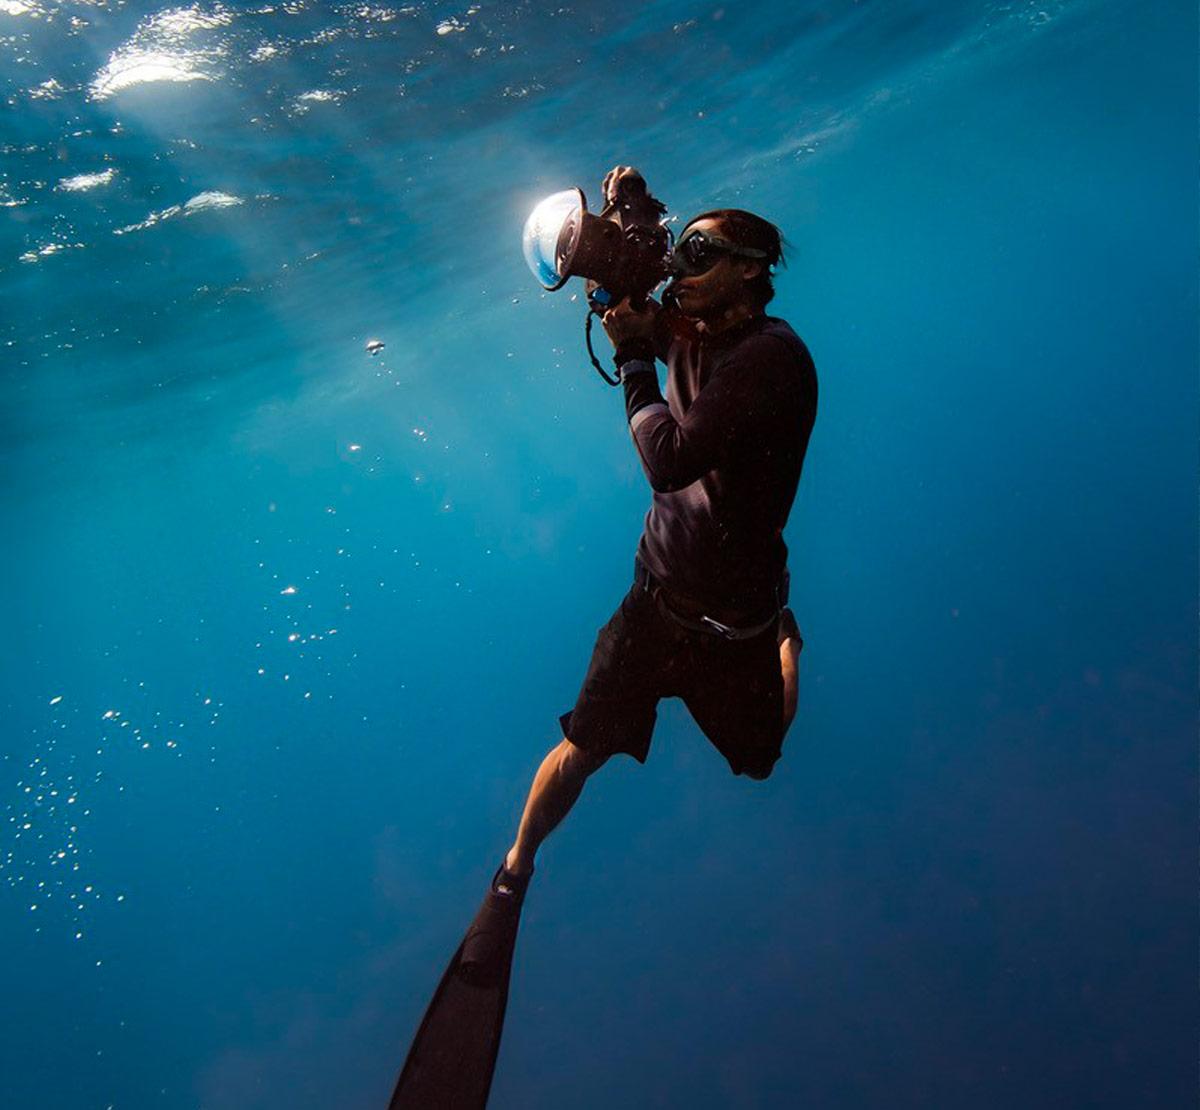 benjamin ono underwater dive photographer